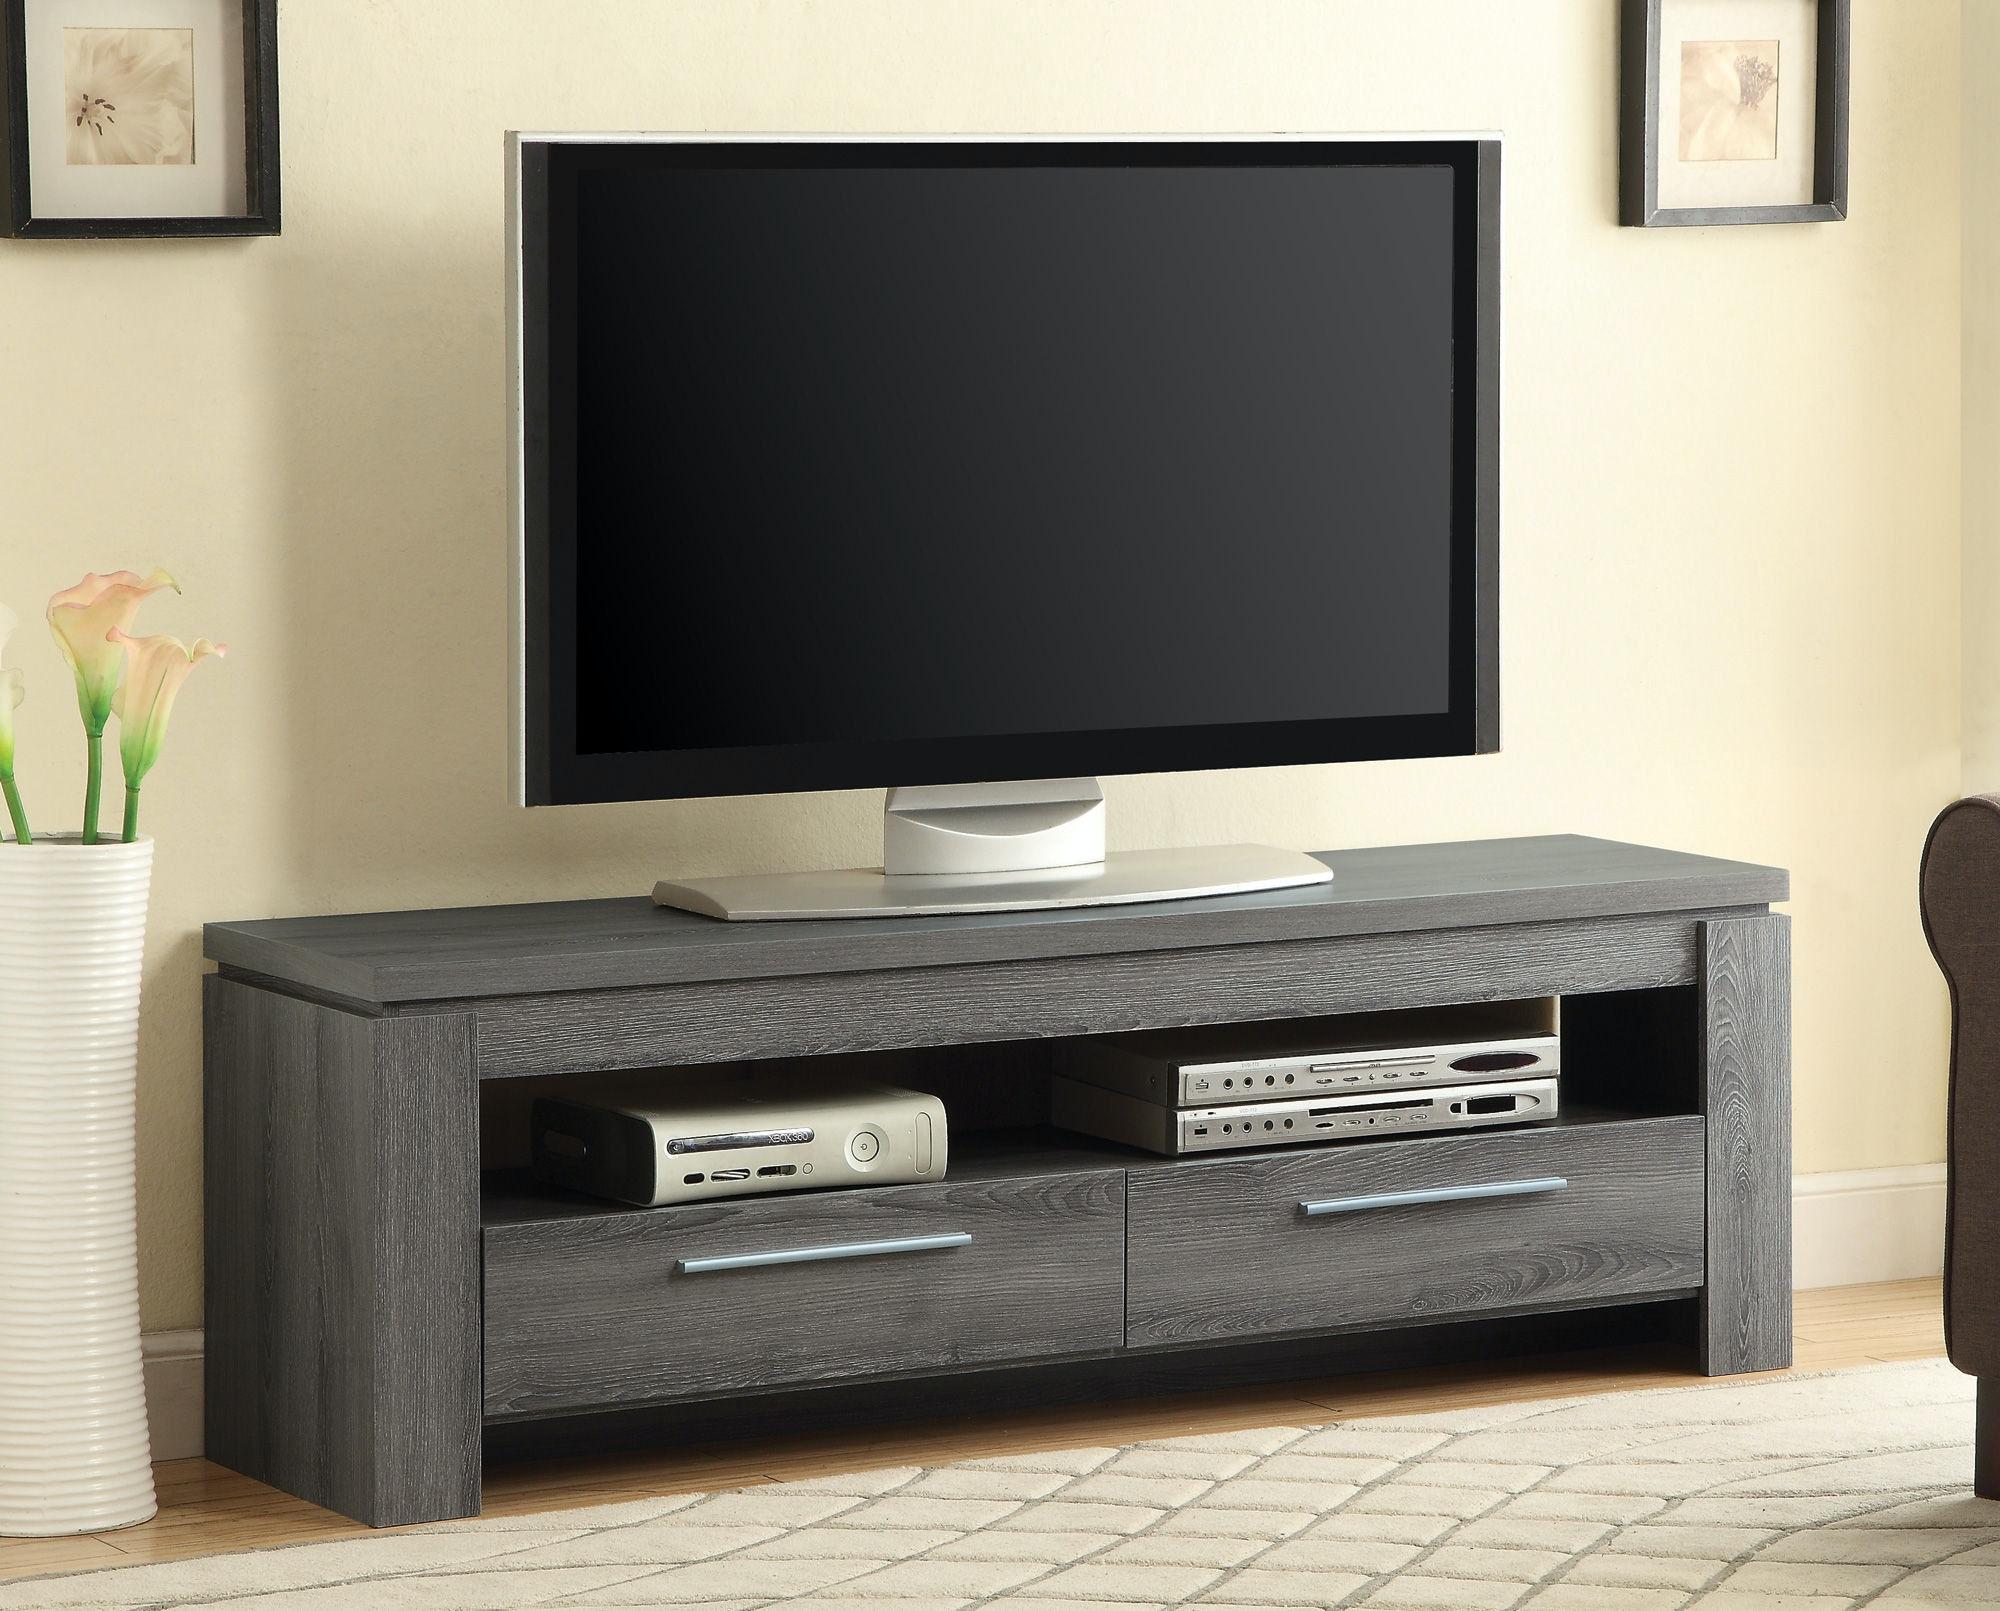 coaster living room tv console 701979 home decor furniture store in brooklyn ny home decor furniture